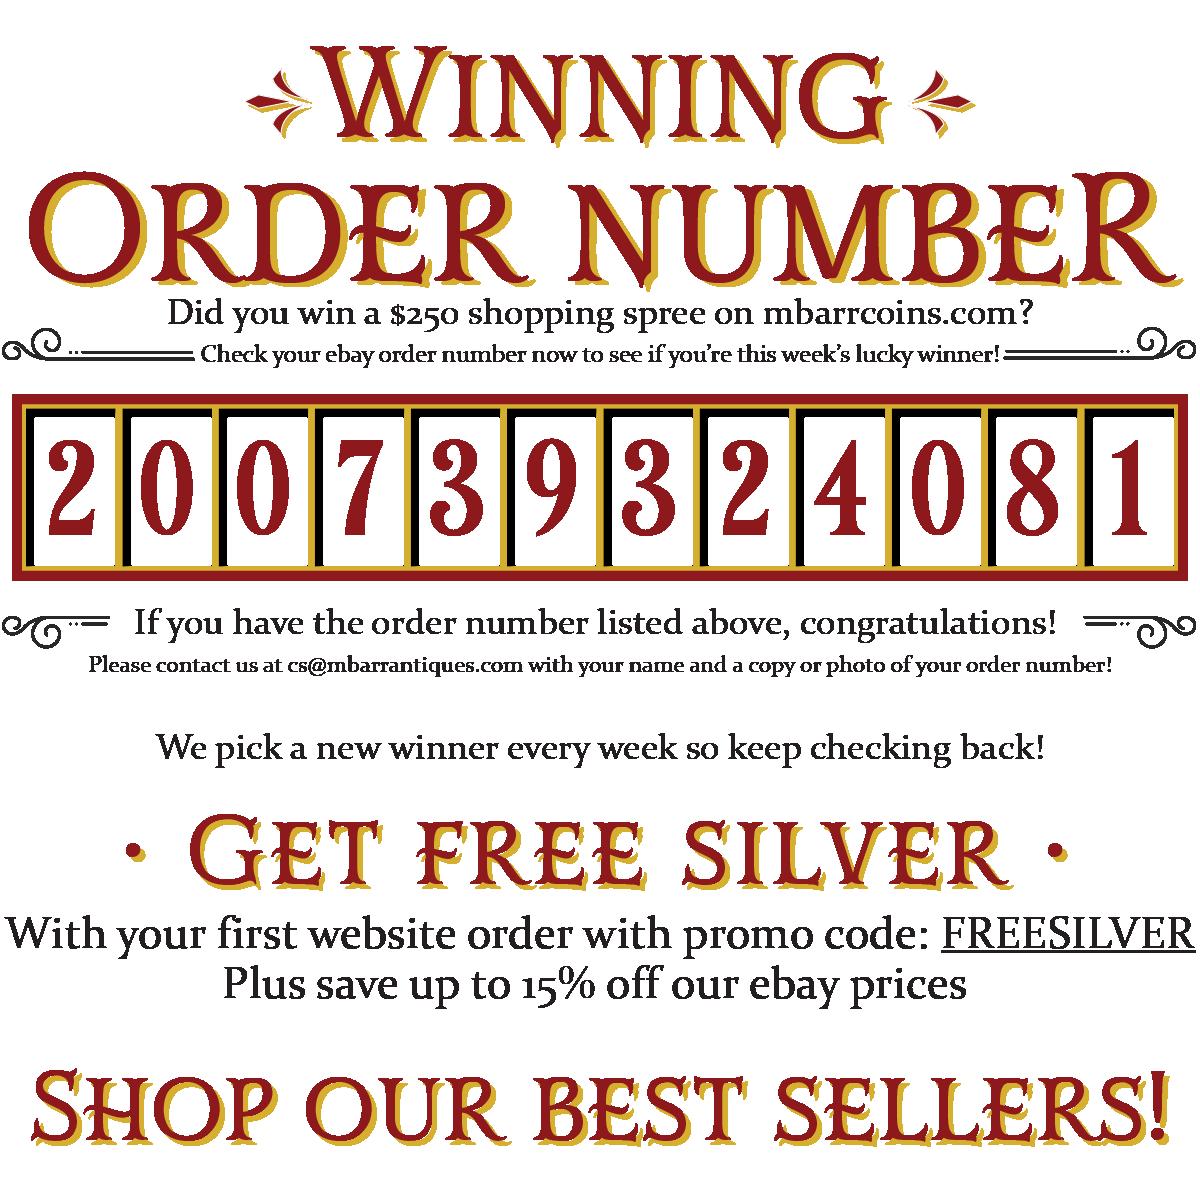 ebay-winning-order-number-21-09-10-01.png